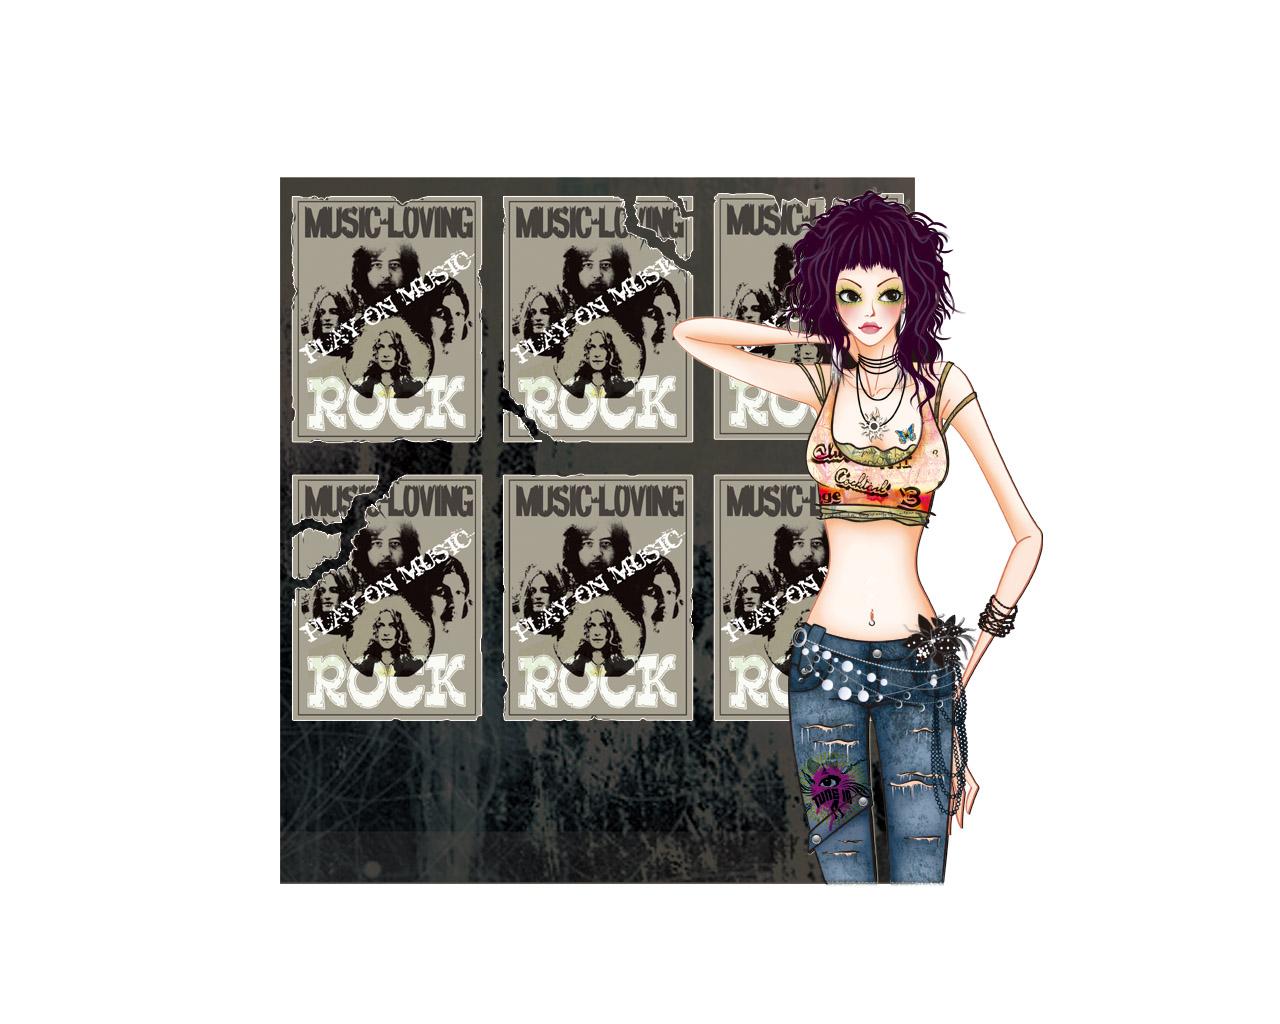 19吋屏-手绘时尚女性(1280x1024) 壁纸